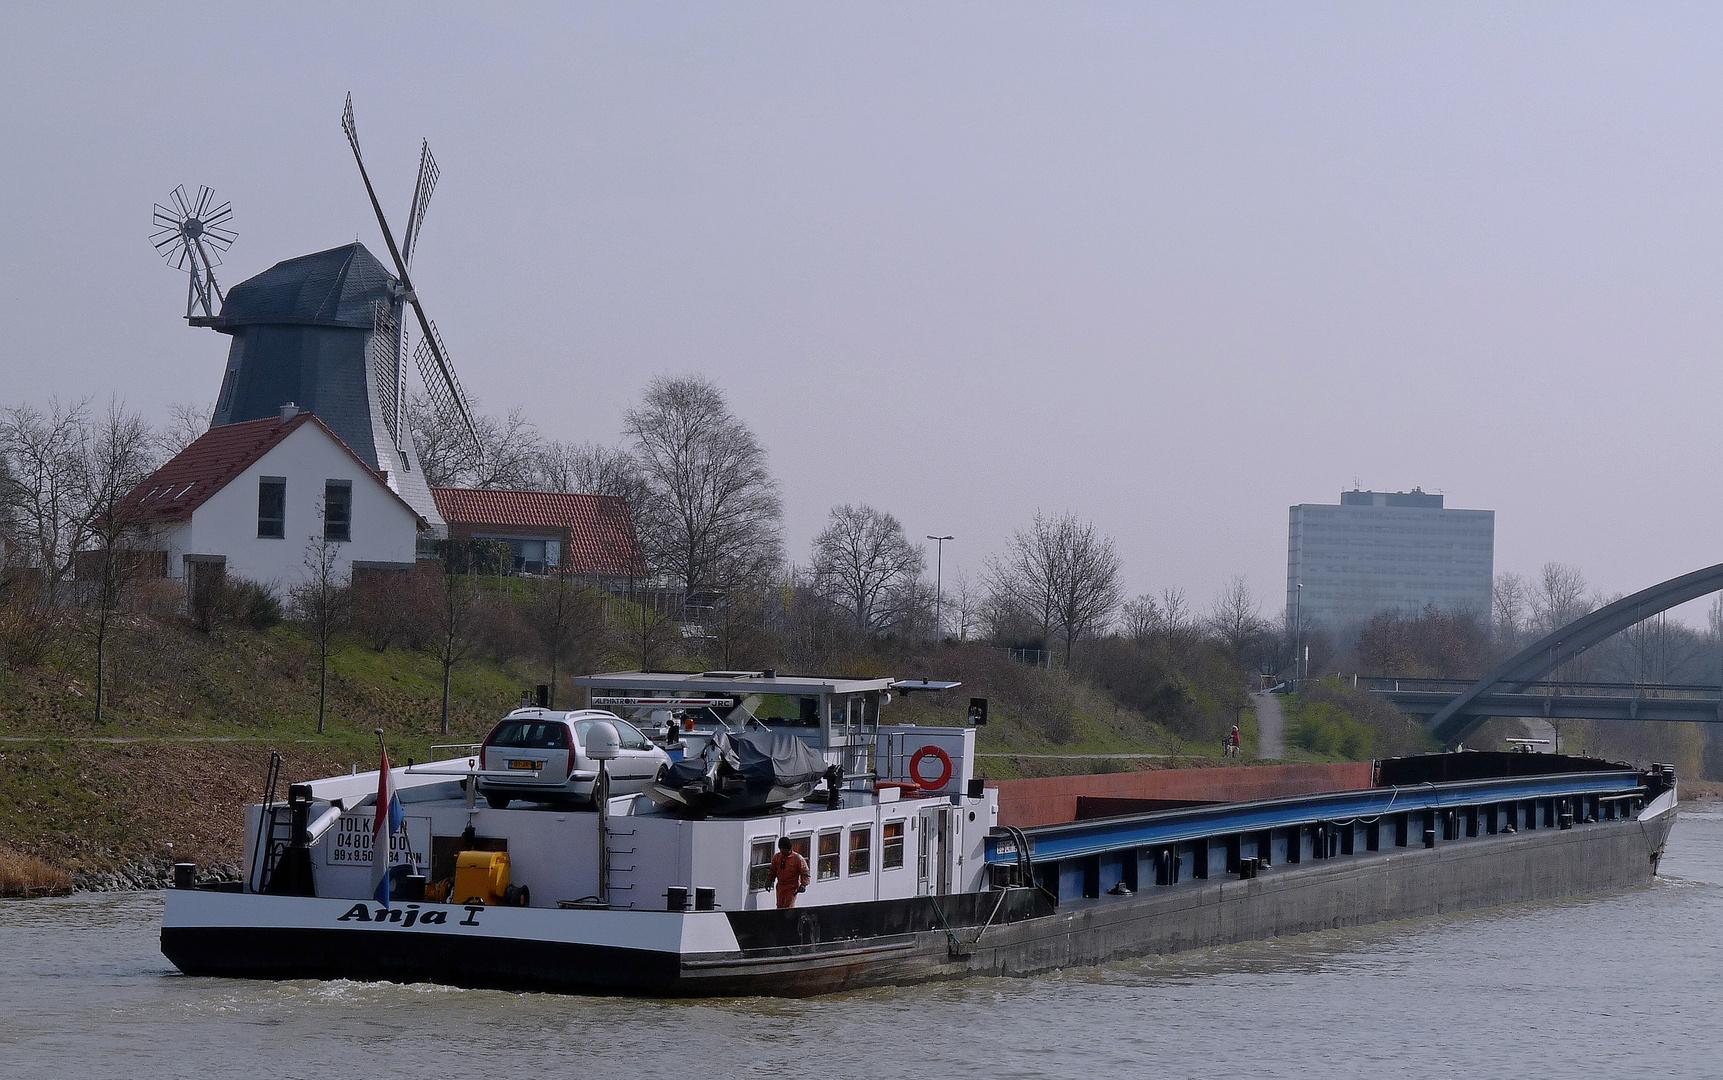 Am Mittellandkanal bei Hannover, oder, ein Hauch von Holland.